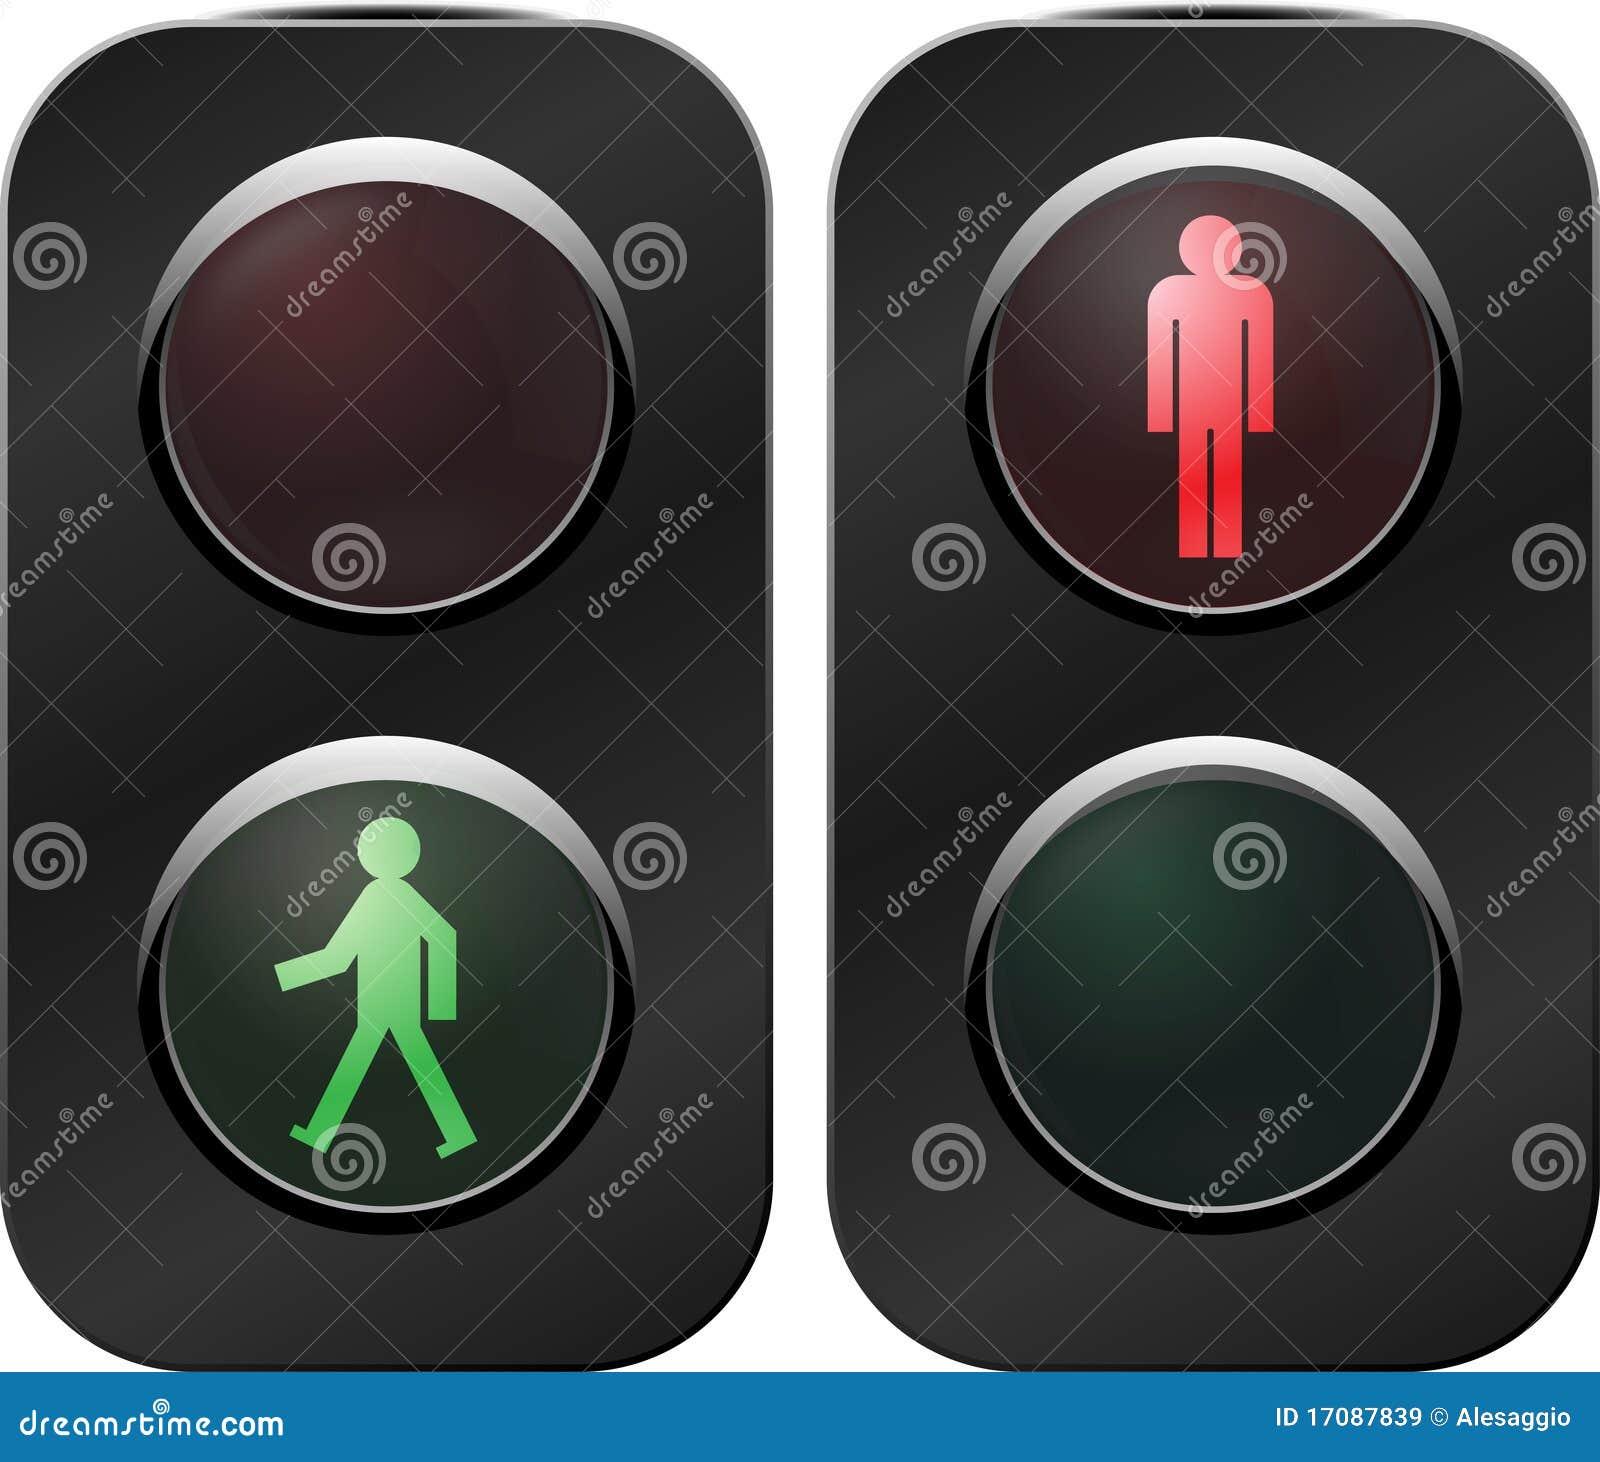 Traffic light crosswalk